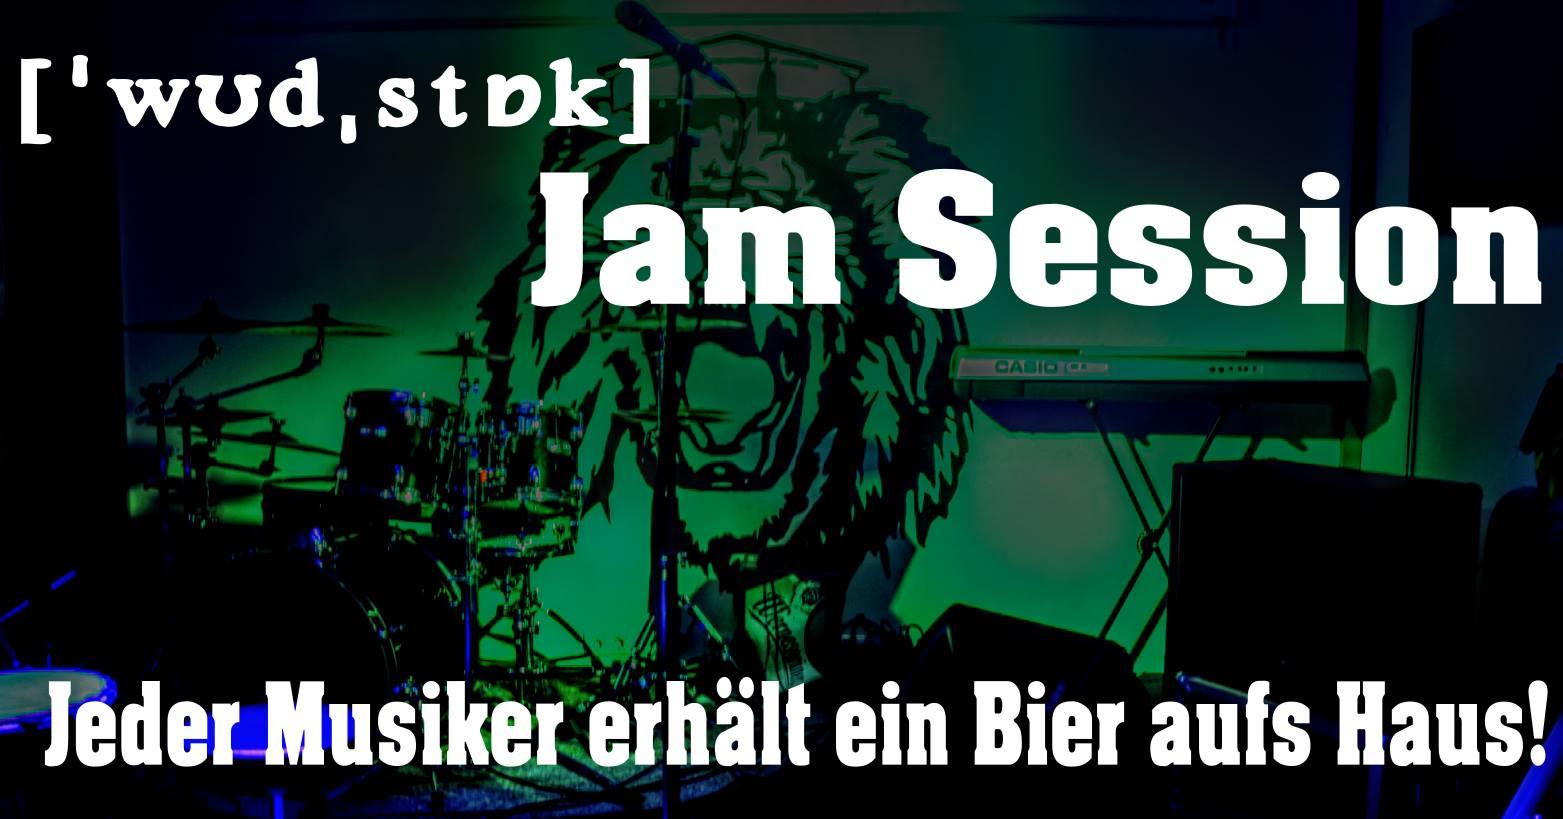 [ˈwʊdˌstɒk] - Jamsession Nr. 81